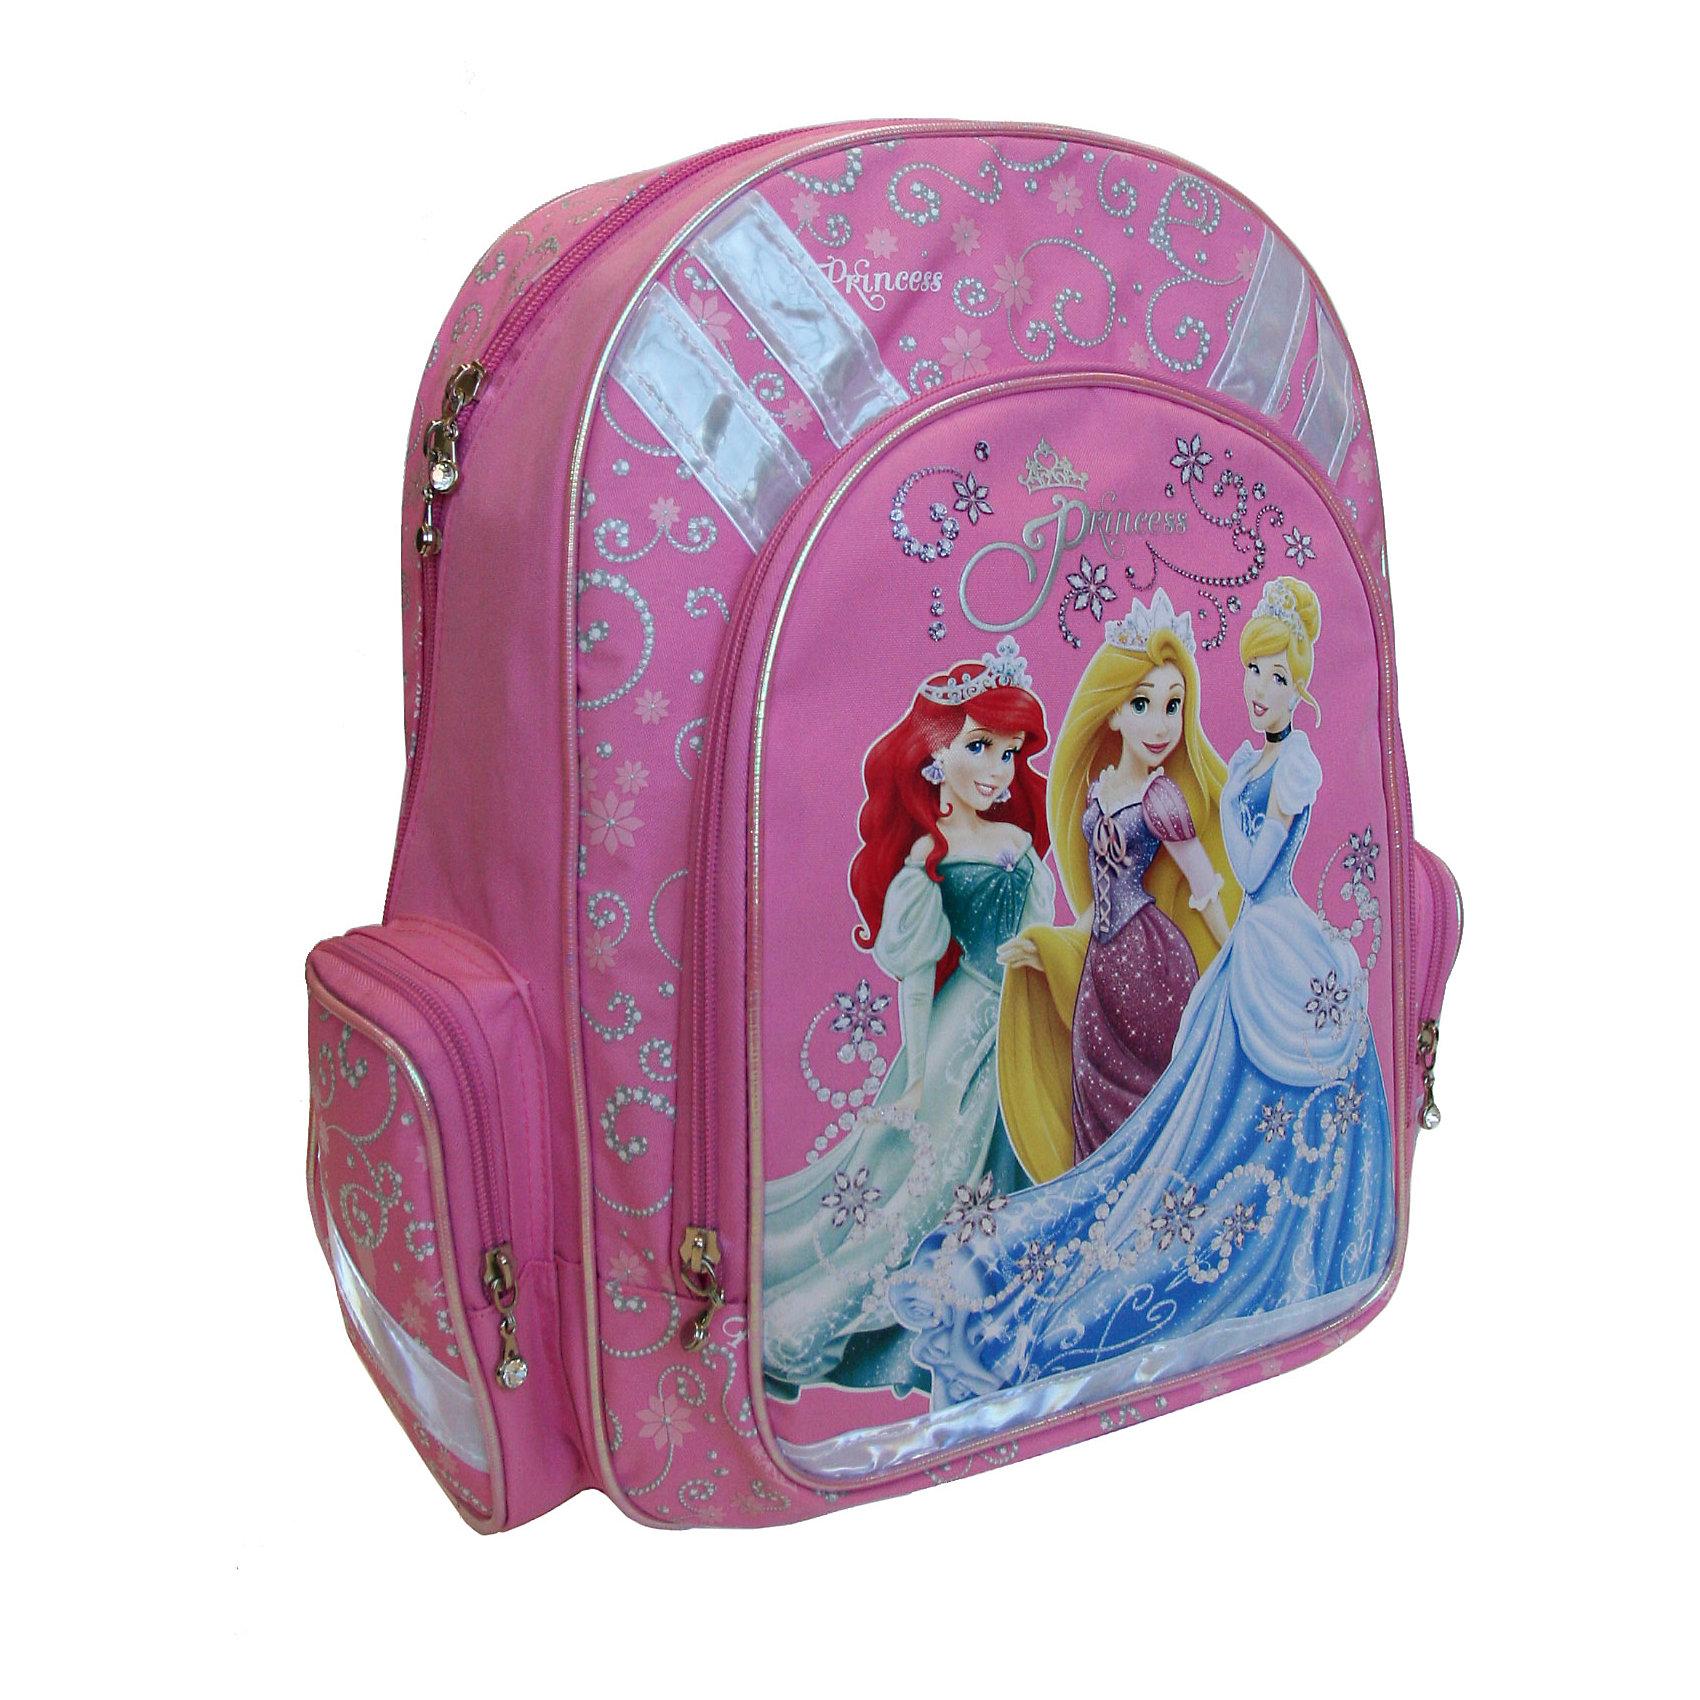 Рюкзак с эргономичной EVA-спинкой, Принцессы ДиснейРюкзак с эргономичной EVA-спинкой, Disney Princess (Принцессы Диснея) - это максимально удобный и функциональный рюкзак.<br>Спинка рюкзака Disney Princess сделана из высокотехнологичного водонепроницаемого упругого материала (EVA), анатомически расположенные поролоновые вставки и специальная сетка для воздухообмена обеспечивают максимальный комфорт. Увеличенная ширина лямок позволяет снизить нагрузку на надплечье. Регулируемая длина гарантирует, что рюкзак подойдет ребенку любого роста. Высокотехнологичный водонепроницаемый упругий материал, поролон и специальная сетка для воздухообмена обеспечивают максимальный комфорт. Удобная ручка позволяет переносить рюкзак в руках. Светоотражающие элементы на лямках и корпусе рюкзака делают ребенка более заметным для водителей, и повышают безопасность ребенка на дороге. Карманы: вместительный наружный карман на молнии предназначен для предметов средних и крупных размеров, два боковых кармана на молнии предназначены для предметов мелких размеров. Основной отдел на молнии имеет 3 отделения и может размещать изделия размером до А4 формата включительно, без сложений. Дно укреплено пластиковой вставкой-трансформером, что позволяет быстро и удобно изменять размеры рюкзака. Изготовлен рюкзак из износостойкого и влагоизоляционного материала.<br><br>Дополнительная информация:<br><br>- Материал: полиэстер<br>- Размер: 38х29х13 см.<br>- Вес: 735 гр.<br><br>Рюкзак с эргономичной EVA-спинкой, Disney Princess можно купить в нашем интернет-магазине.<br><br>Ширина мм: 380<br>Глубина мм: 290<br>Высота мм: 130<br>Вес г: 735<br>Возраст от месяцев: 48<br>Возраст до месяцев: 84<br>Пол: Женский<br>Возраст: Детский<br>SKU: 3563275